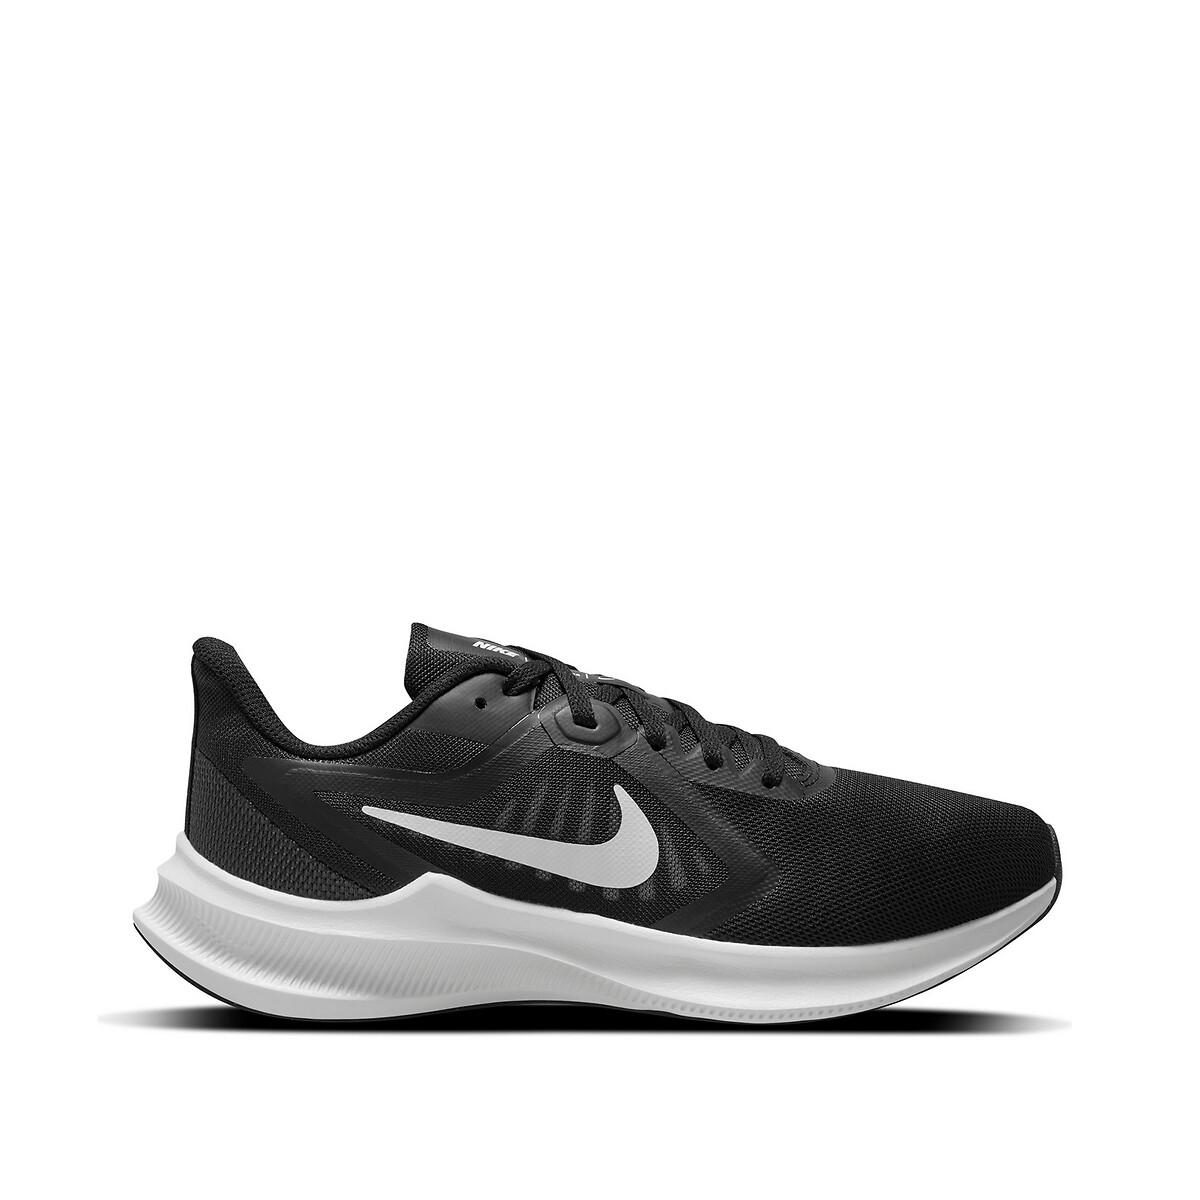 Nike downshifter 10 hardloopschoenen zwart/wit dames online kopen